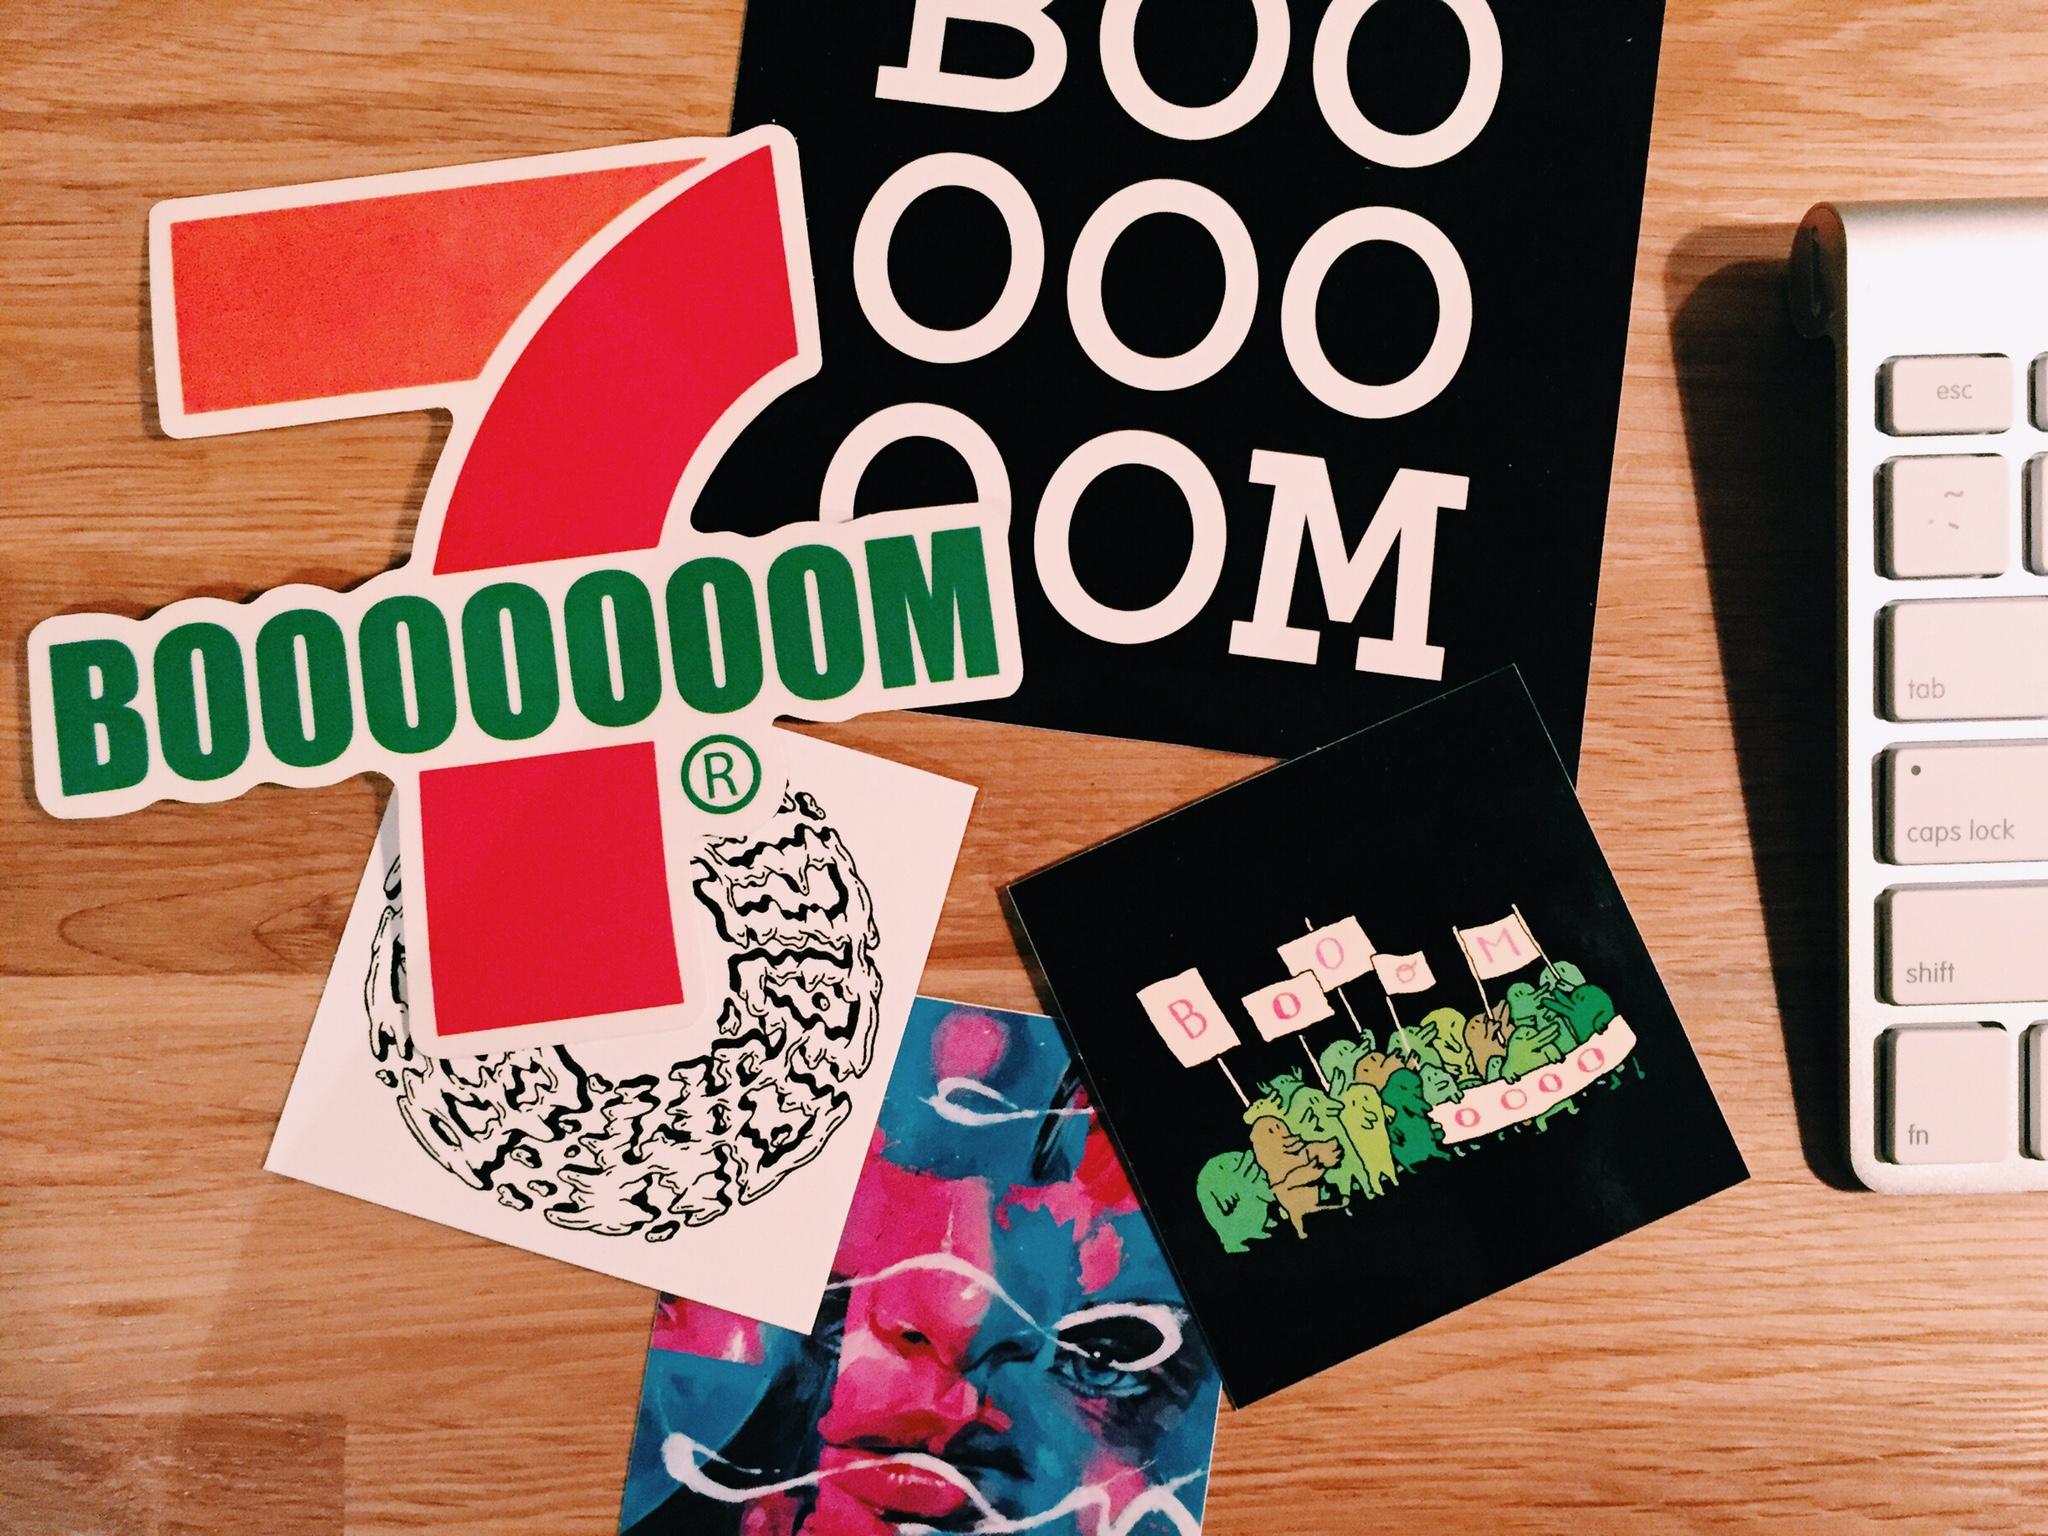 Stickers from BOOOOOOOM!